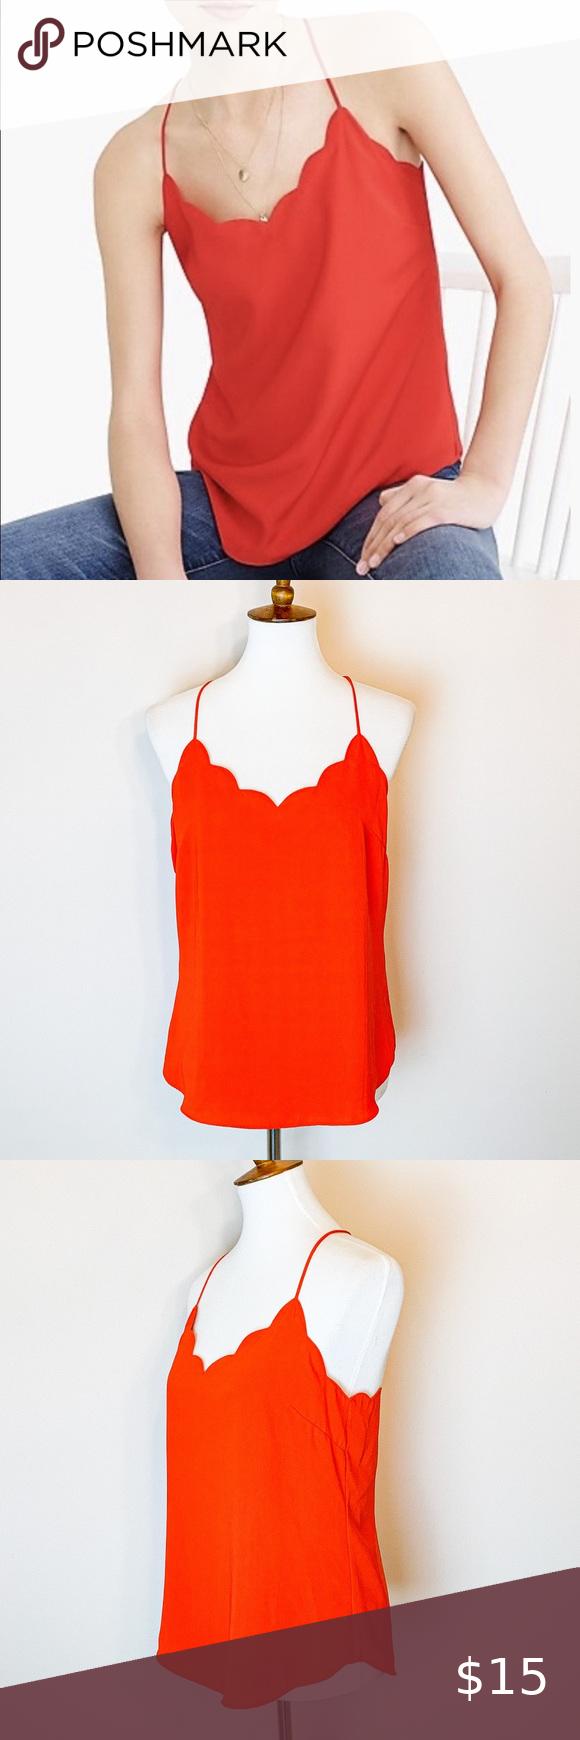 Womens Orange Drop Waist Scallop Trim Dress Victoria